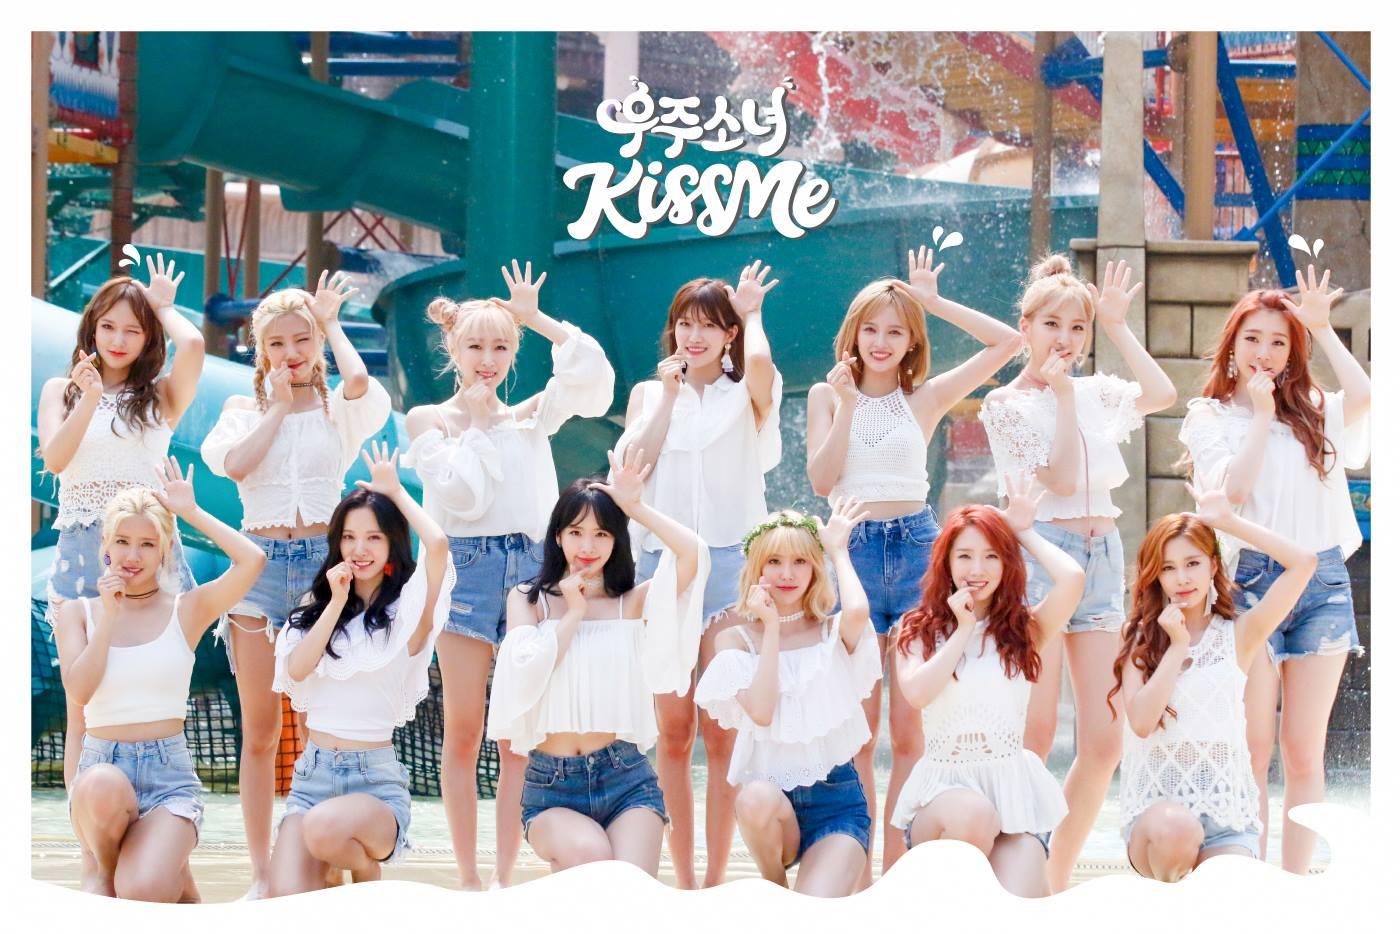 而成員包含了中韓籍的宇宙少女,也被說成員的名字讓人分不清楚究竟是藝名還是本名。像是成員BoNa、EXY這樣一聽就像是外語拼音的名字,其實就是成員們出道後才取的藝名